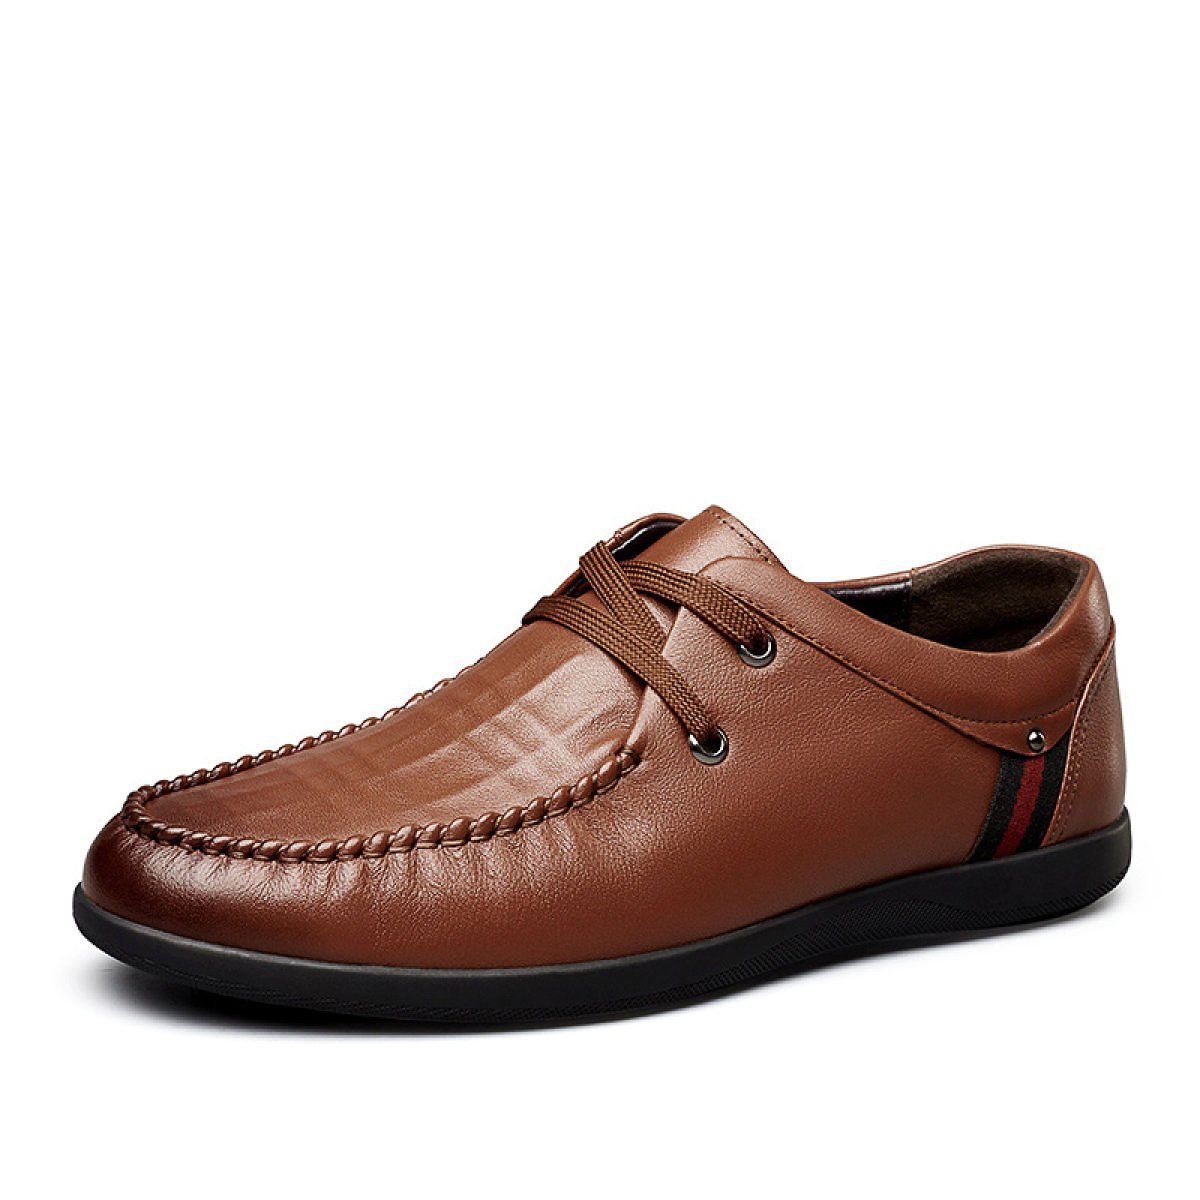 MUYII Oxfords Dress Shoes For Men Scarpe Da Uomo Business